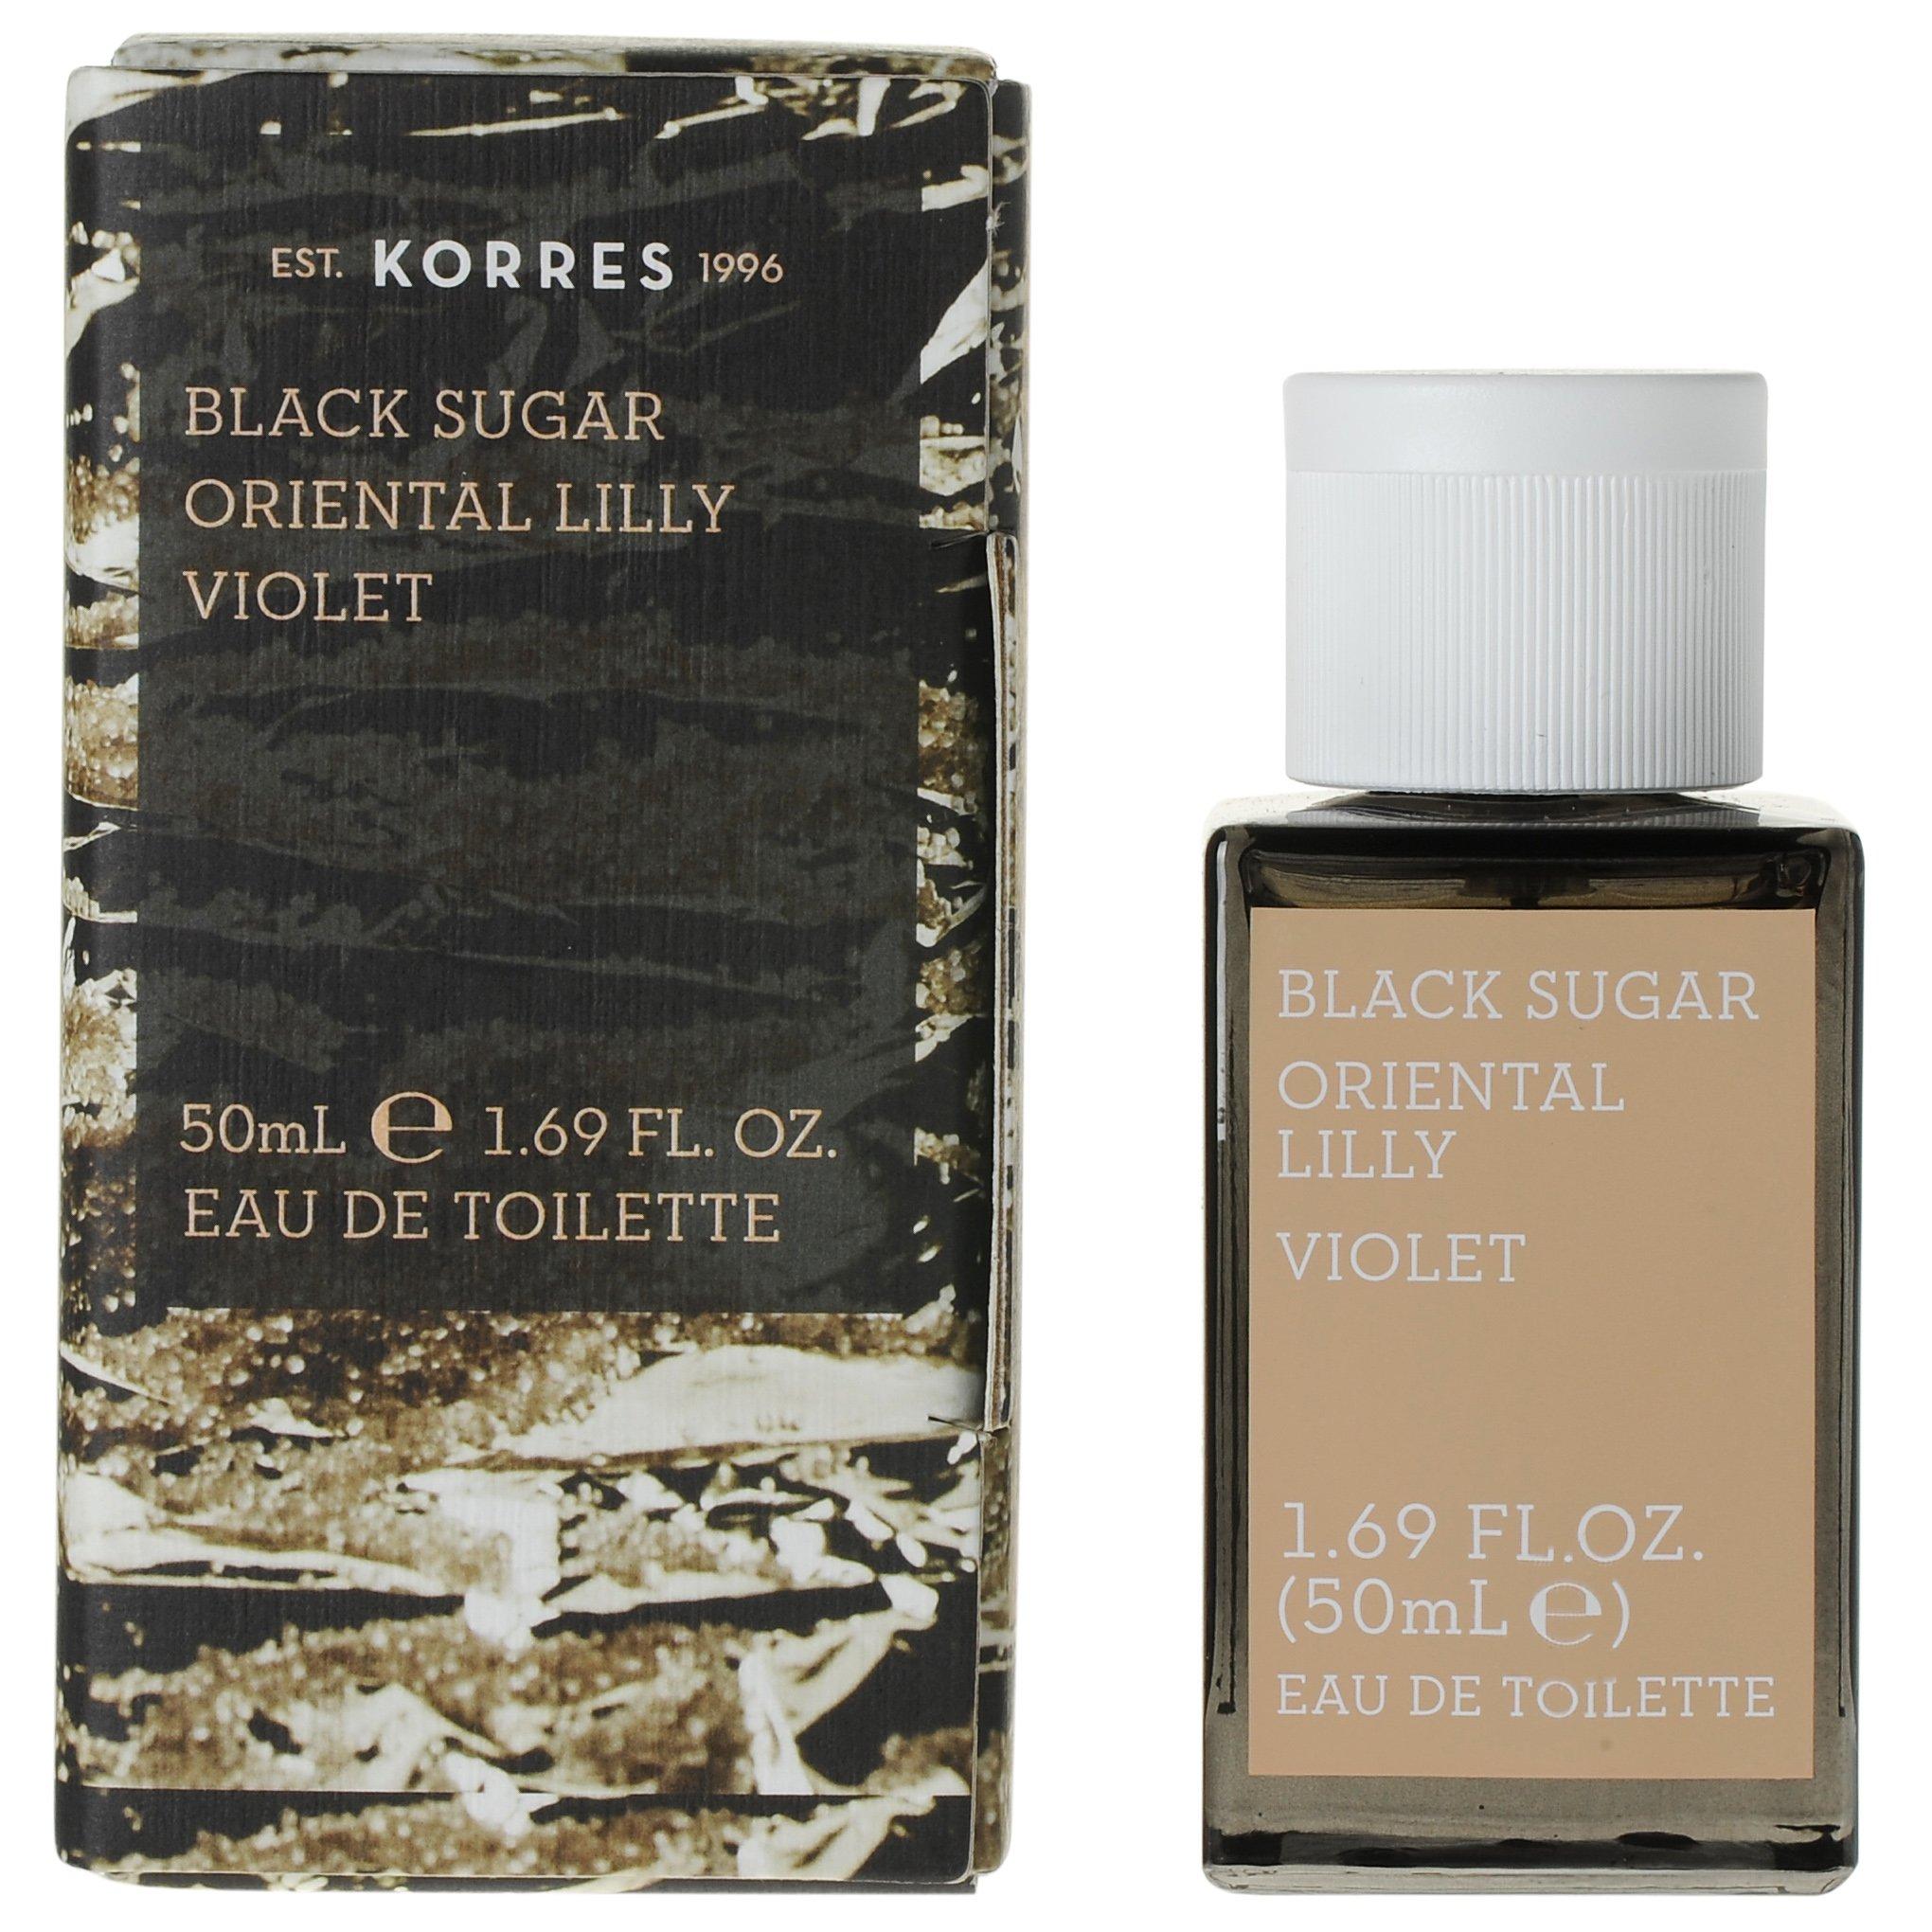 Korres Eau de Toilette Black Sugar Oriental Lily & Violet Γυναικείο Άρωμα 50ml ομορφιά   αρώματα   αρώματα για τη γυναίκα